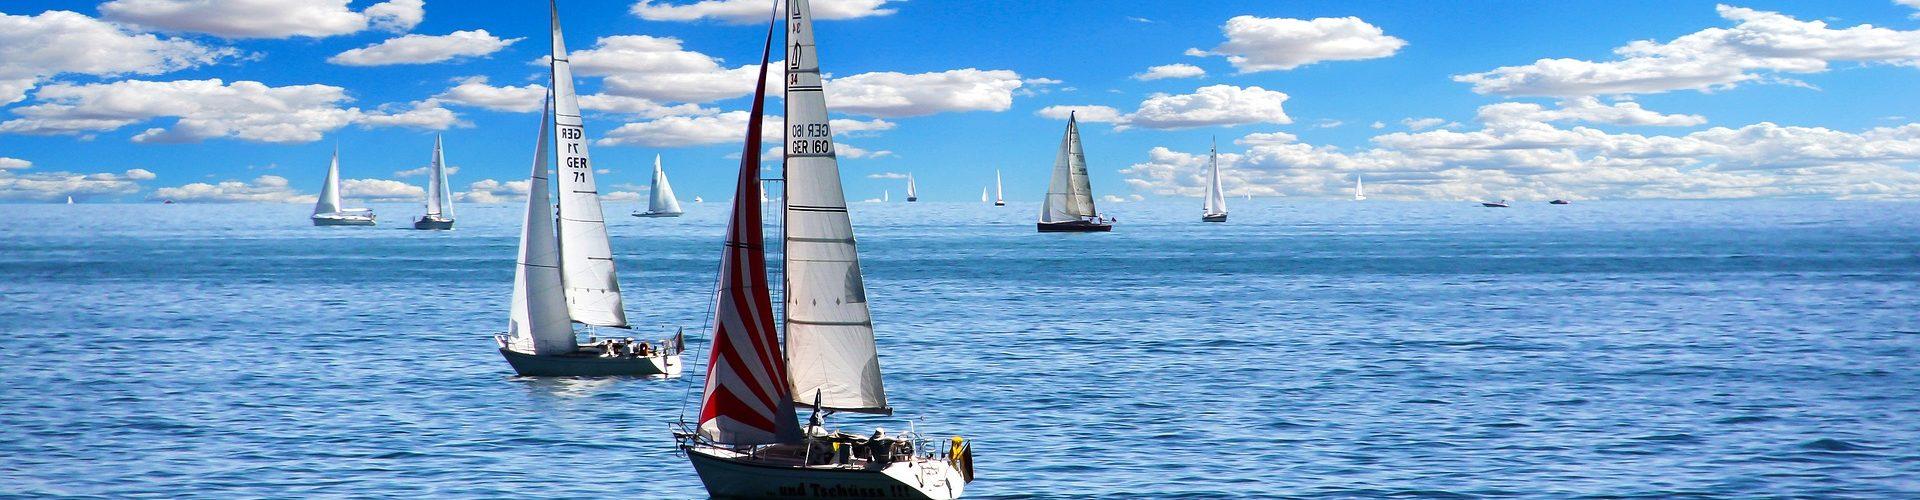 segeln lernen in Erkner segelschein machen in Erkner 1920x500 - Segeln lernen in Erkner